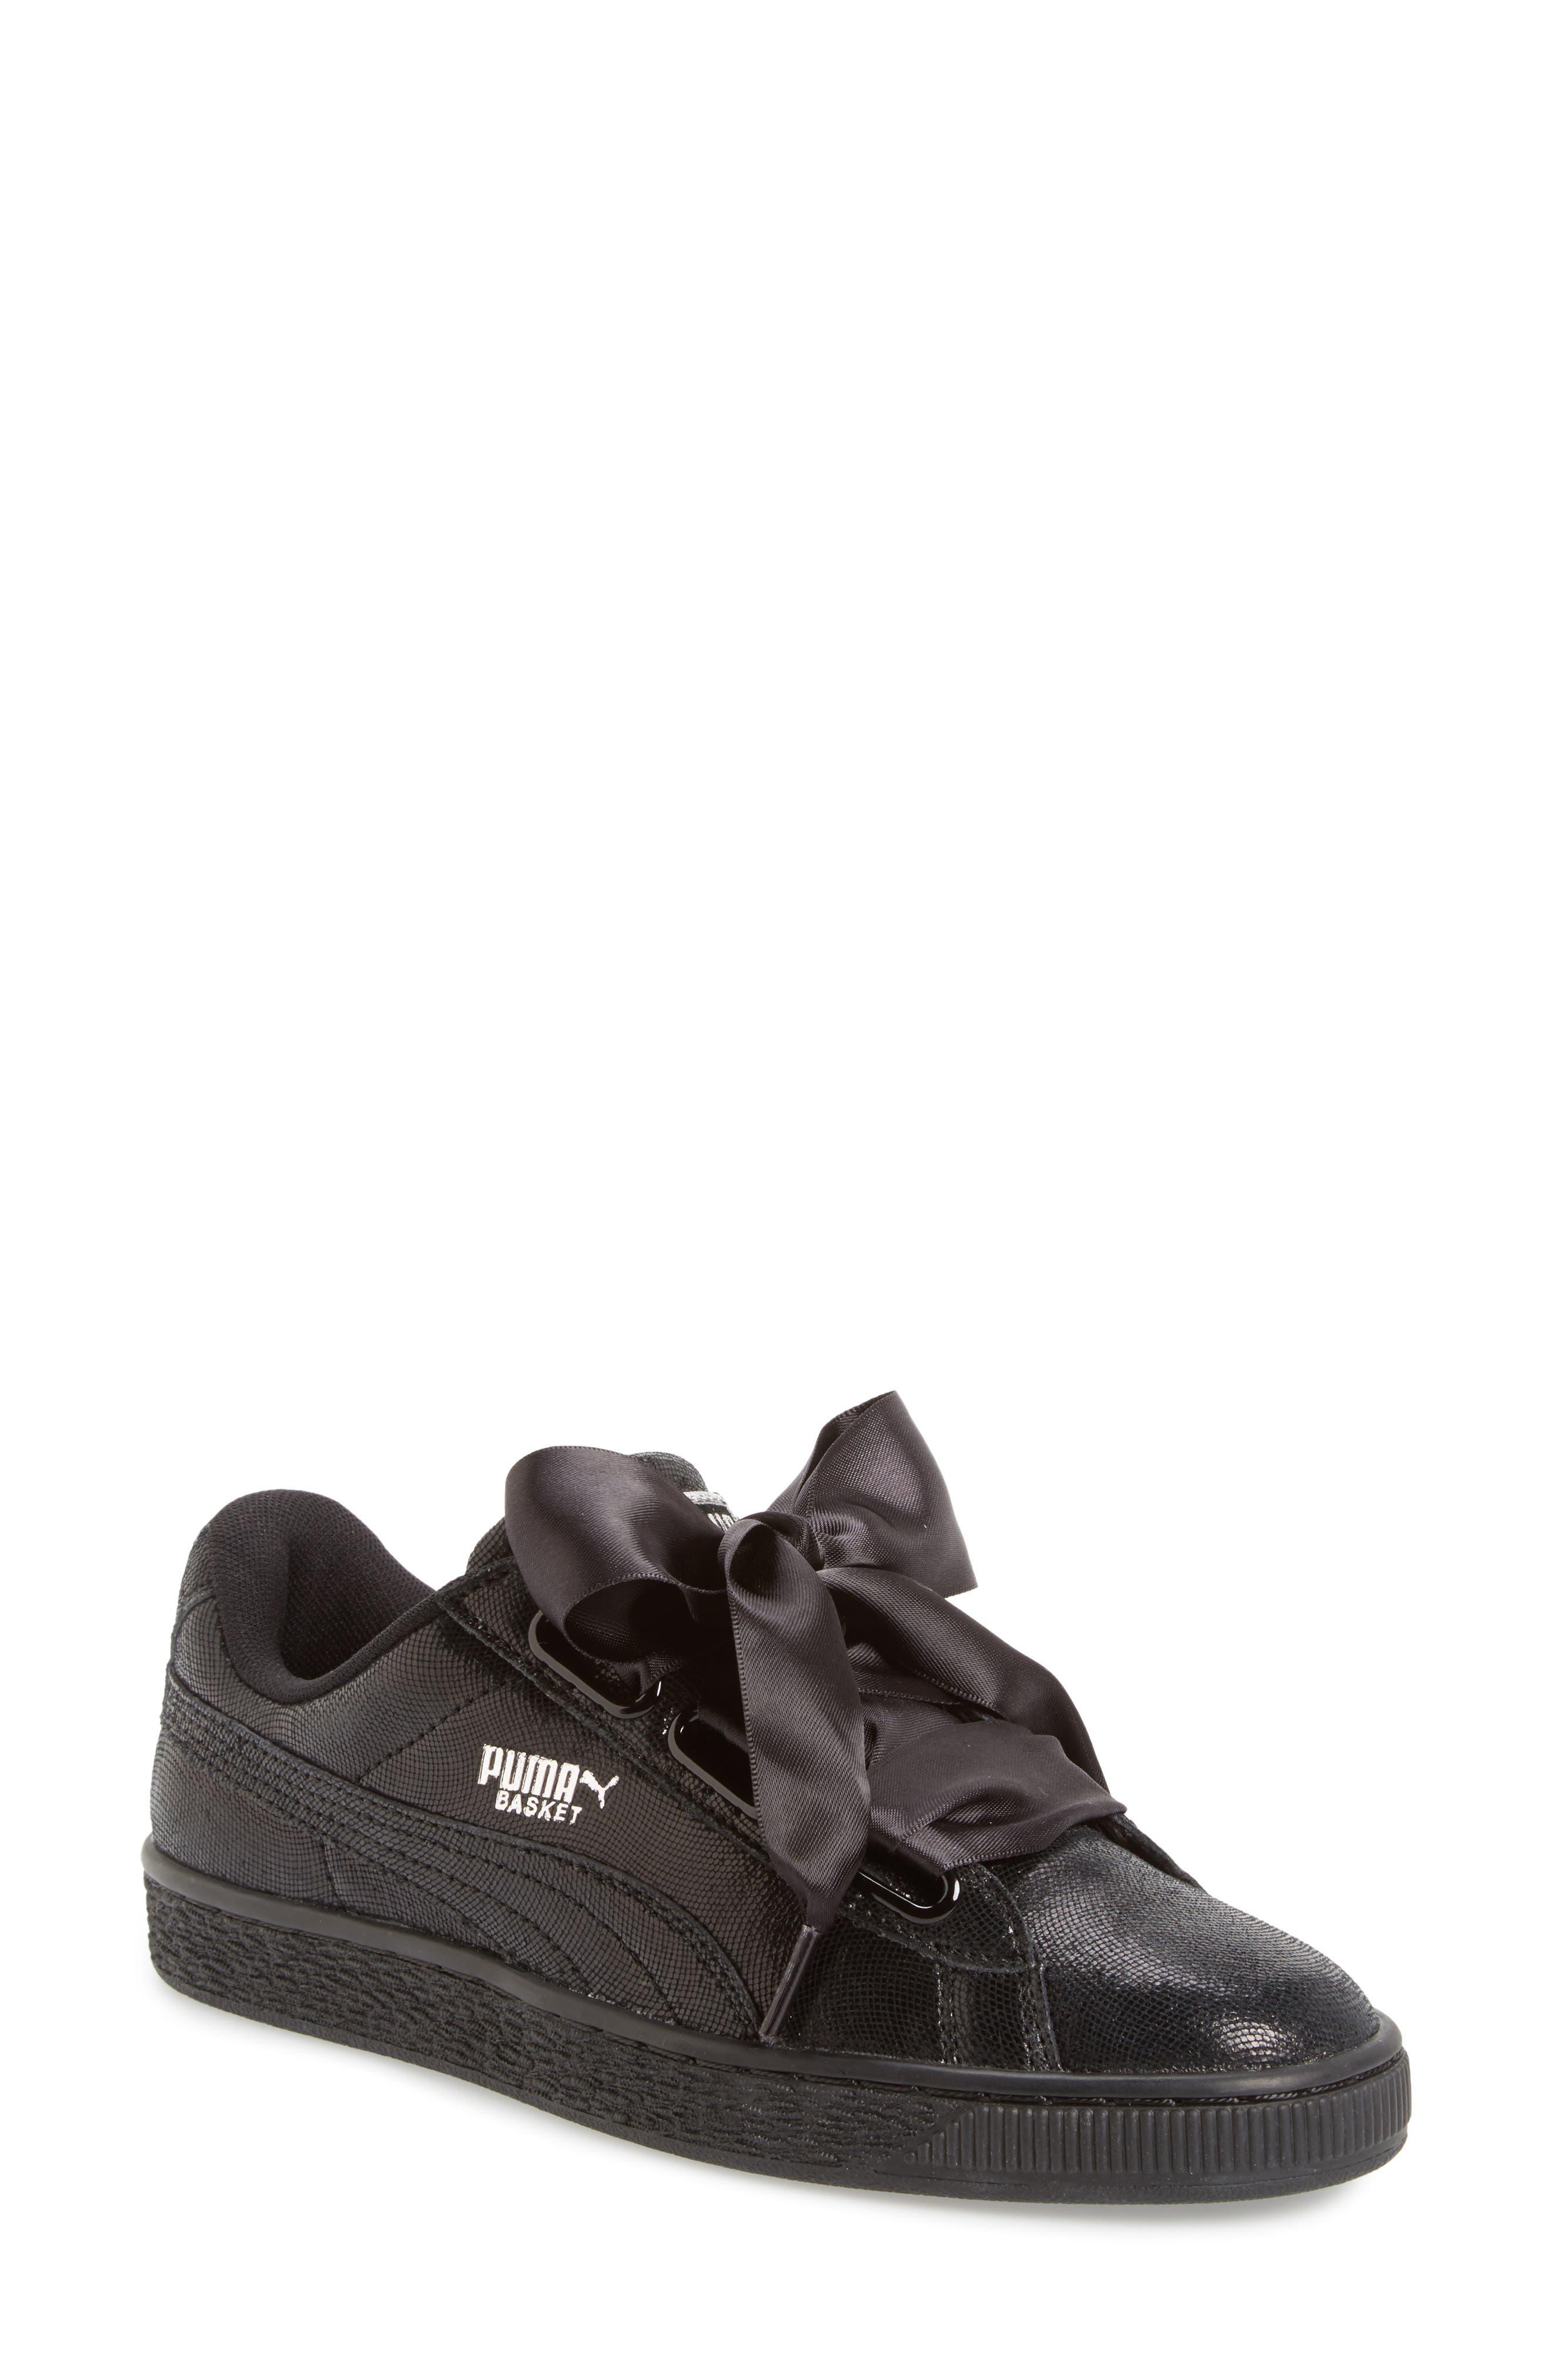 Puma Basket Heart Sneaker